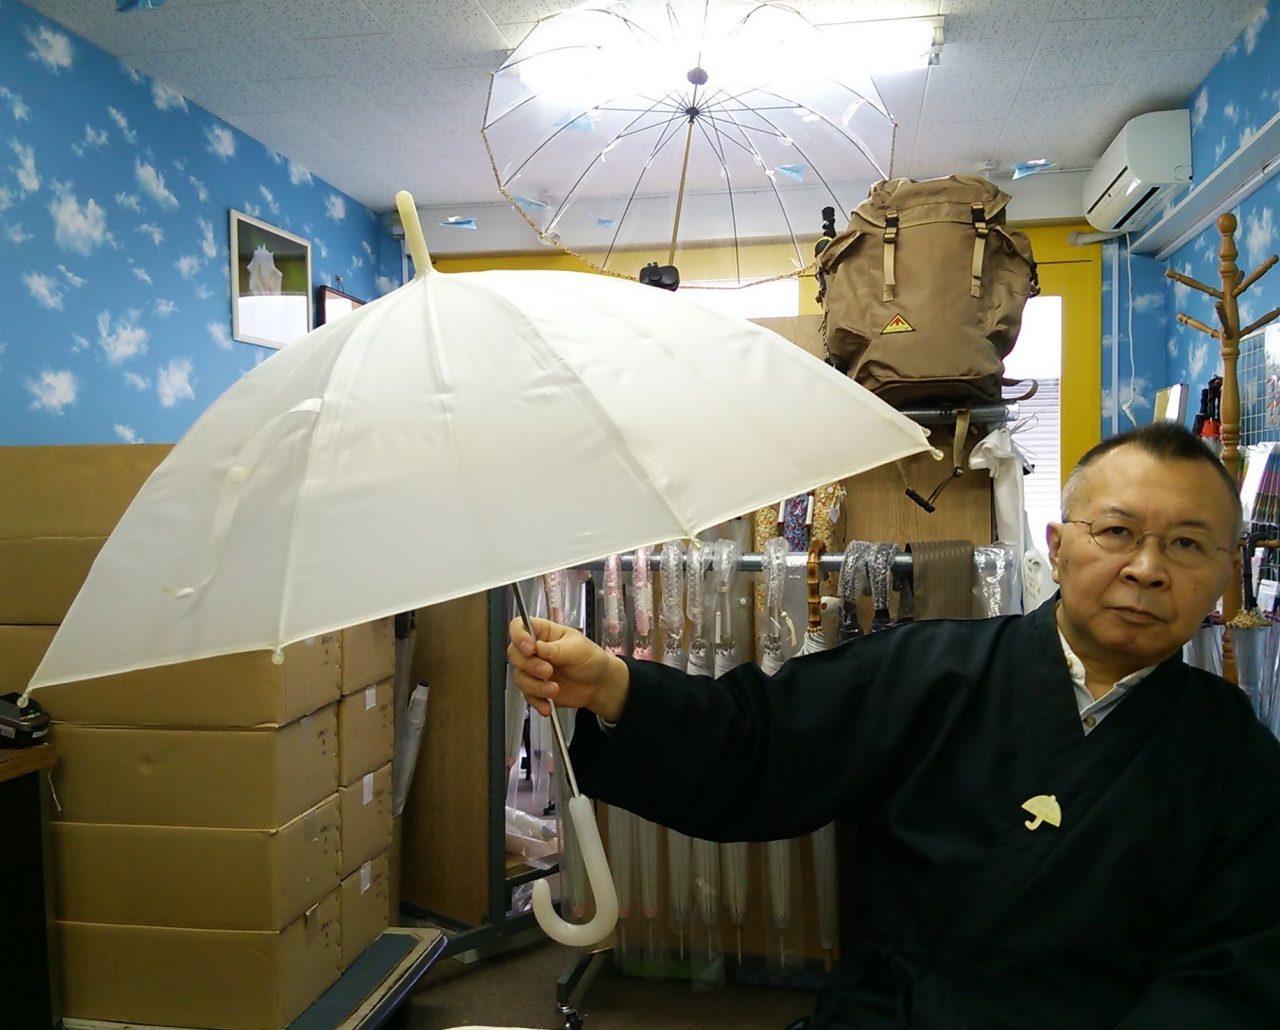 ホワイトローズ 現存する最古のビニール傘